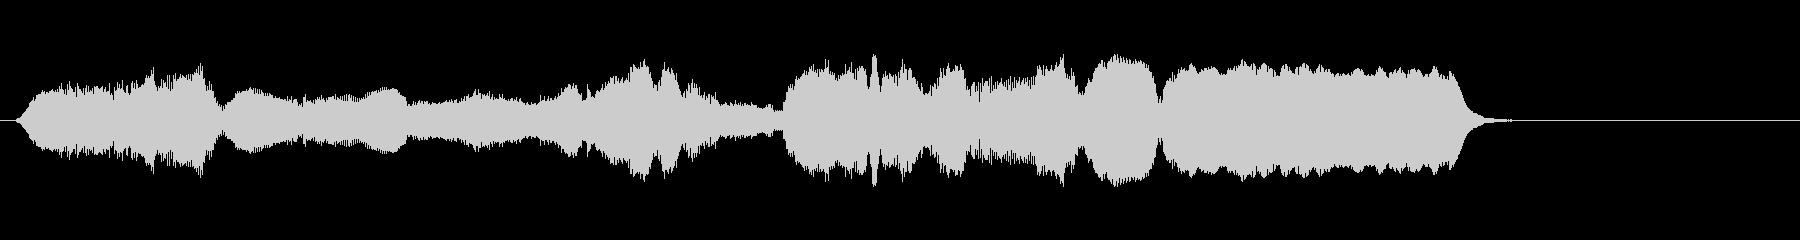 生演奏リコーダーで神聖な音楽の未再生の波形